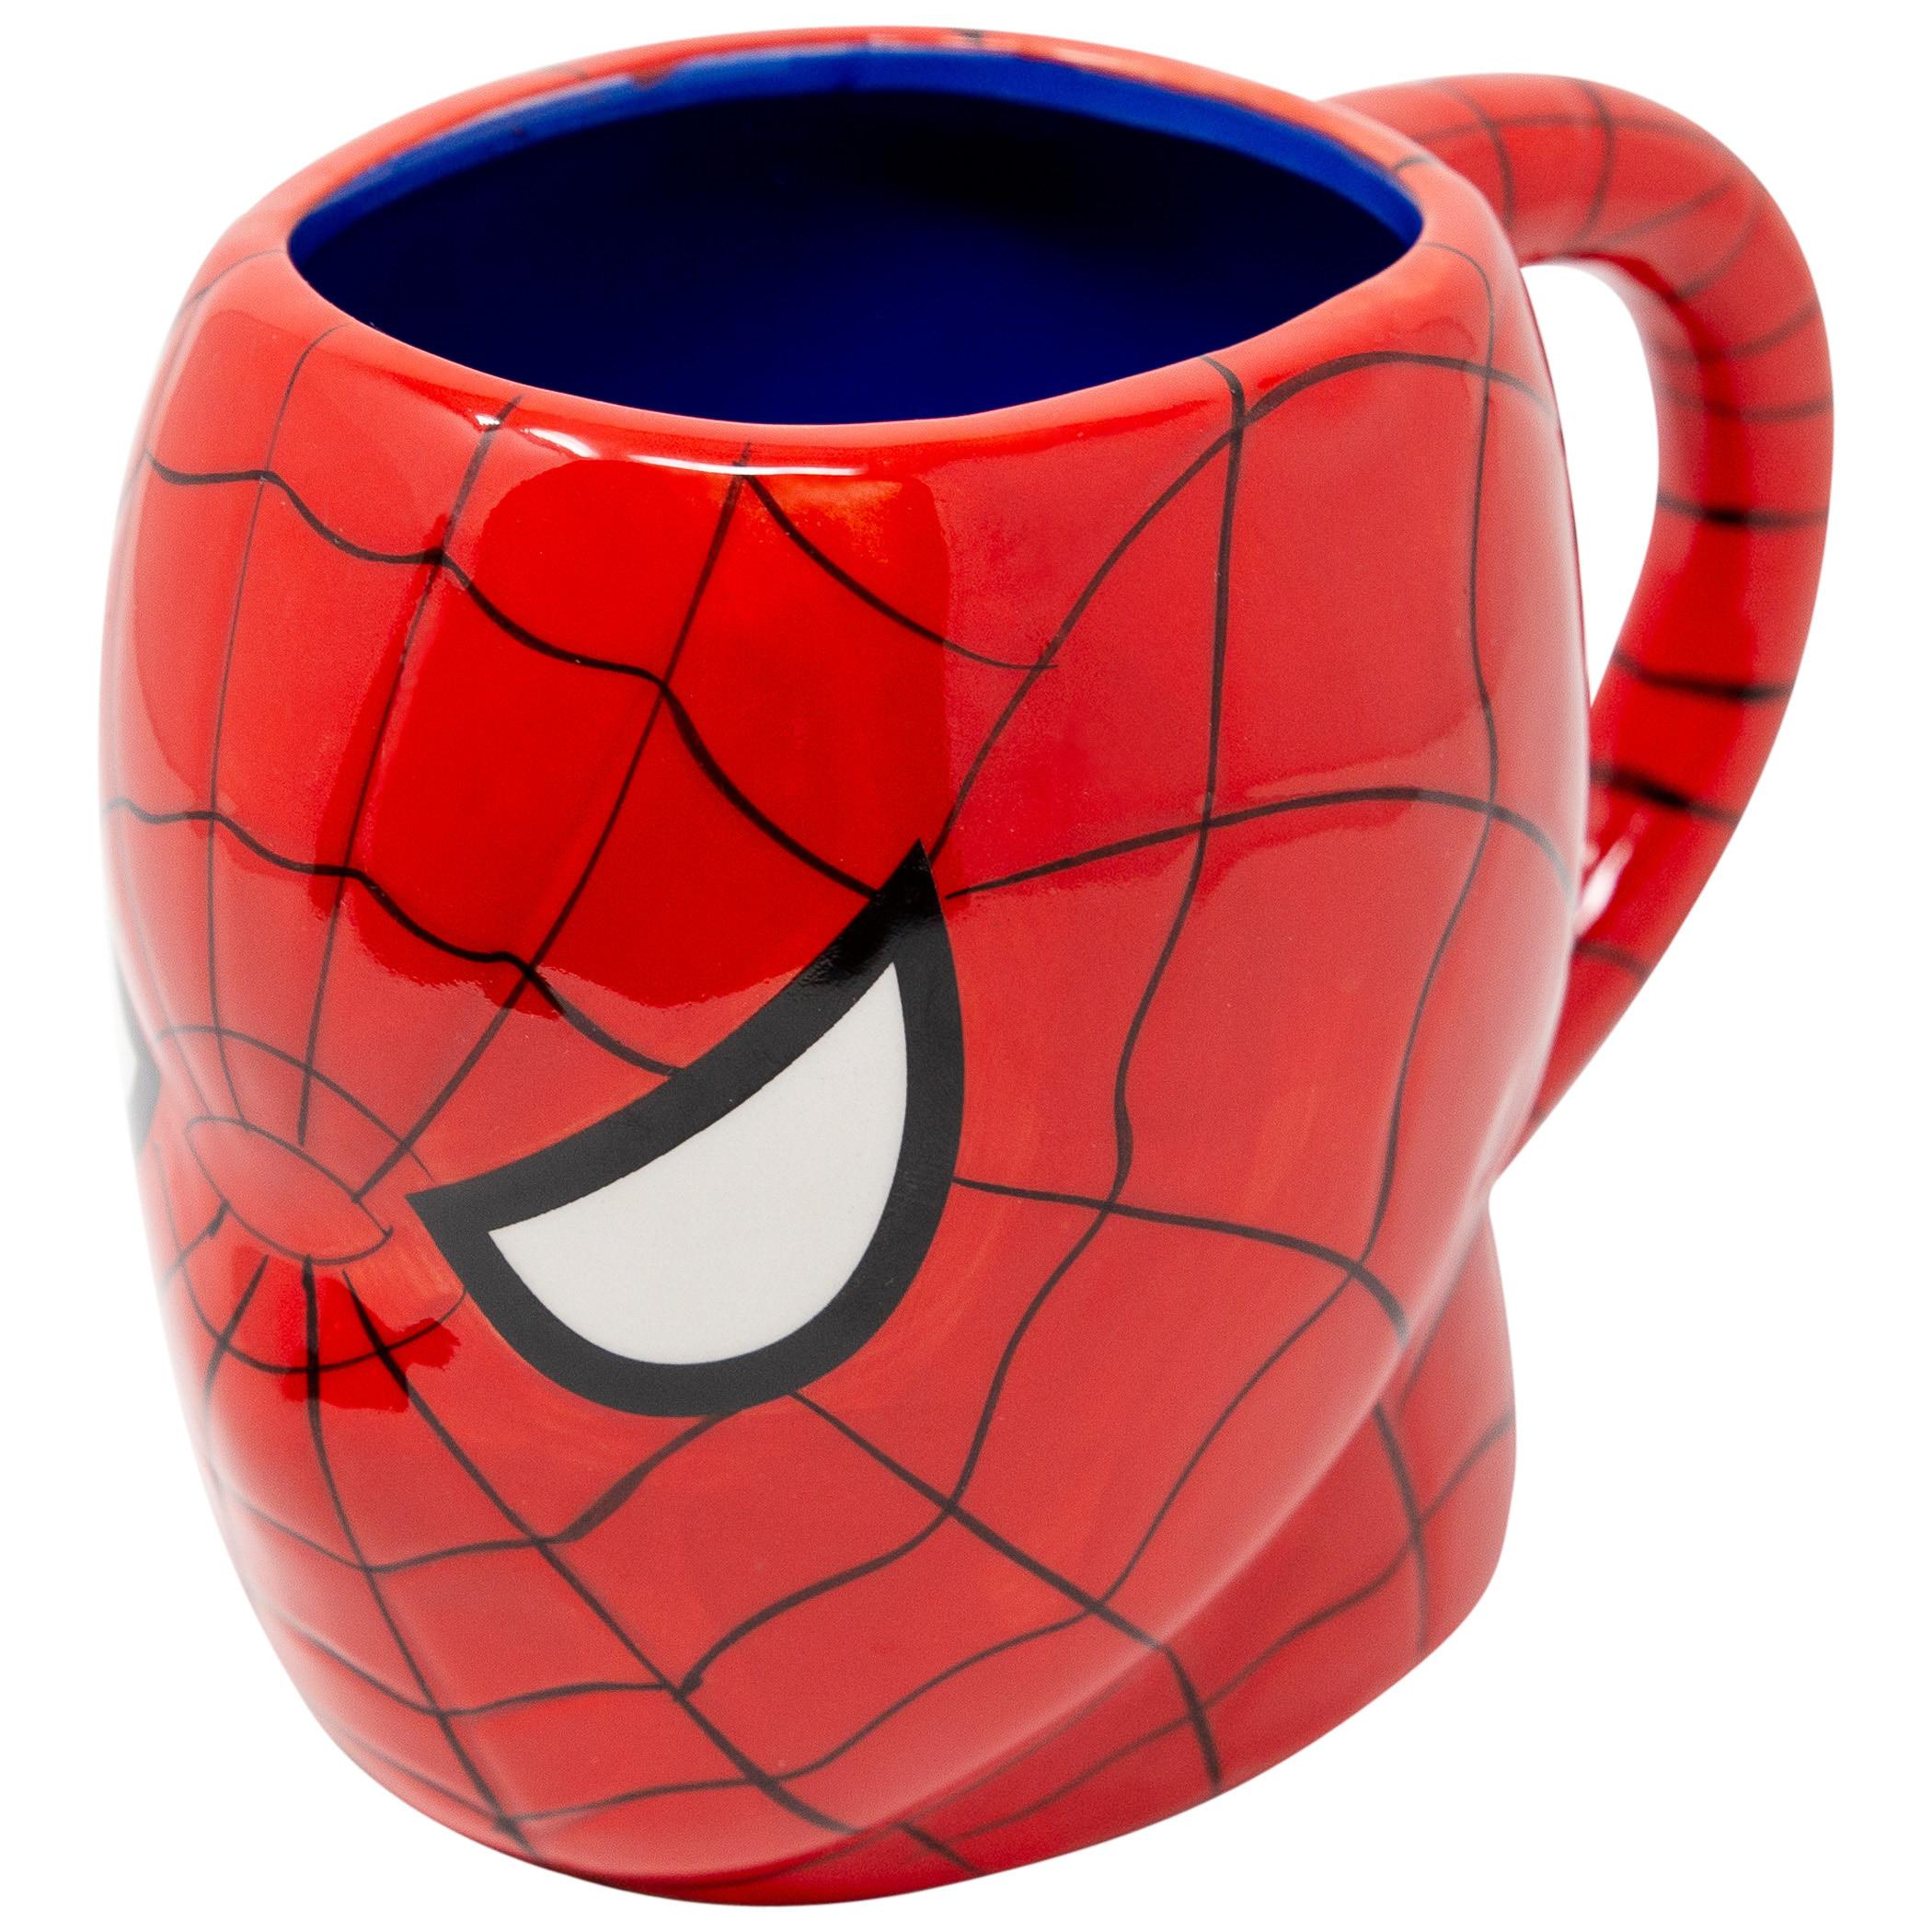 Spider-Man Face 3D Mug